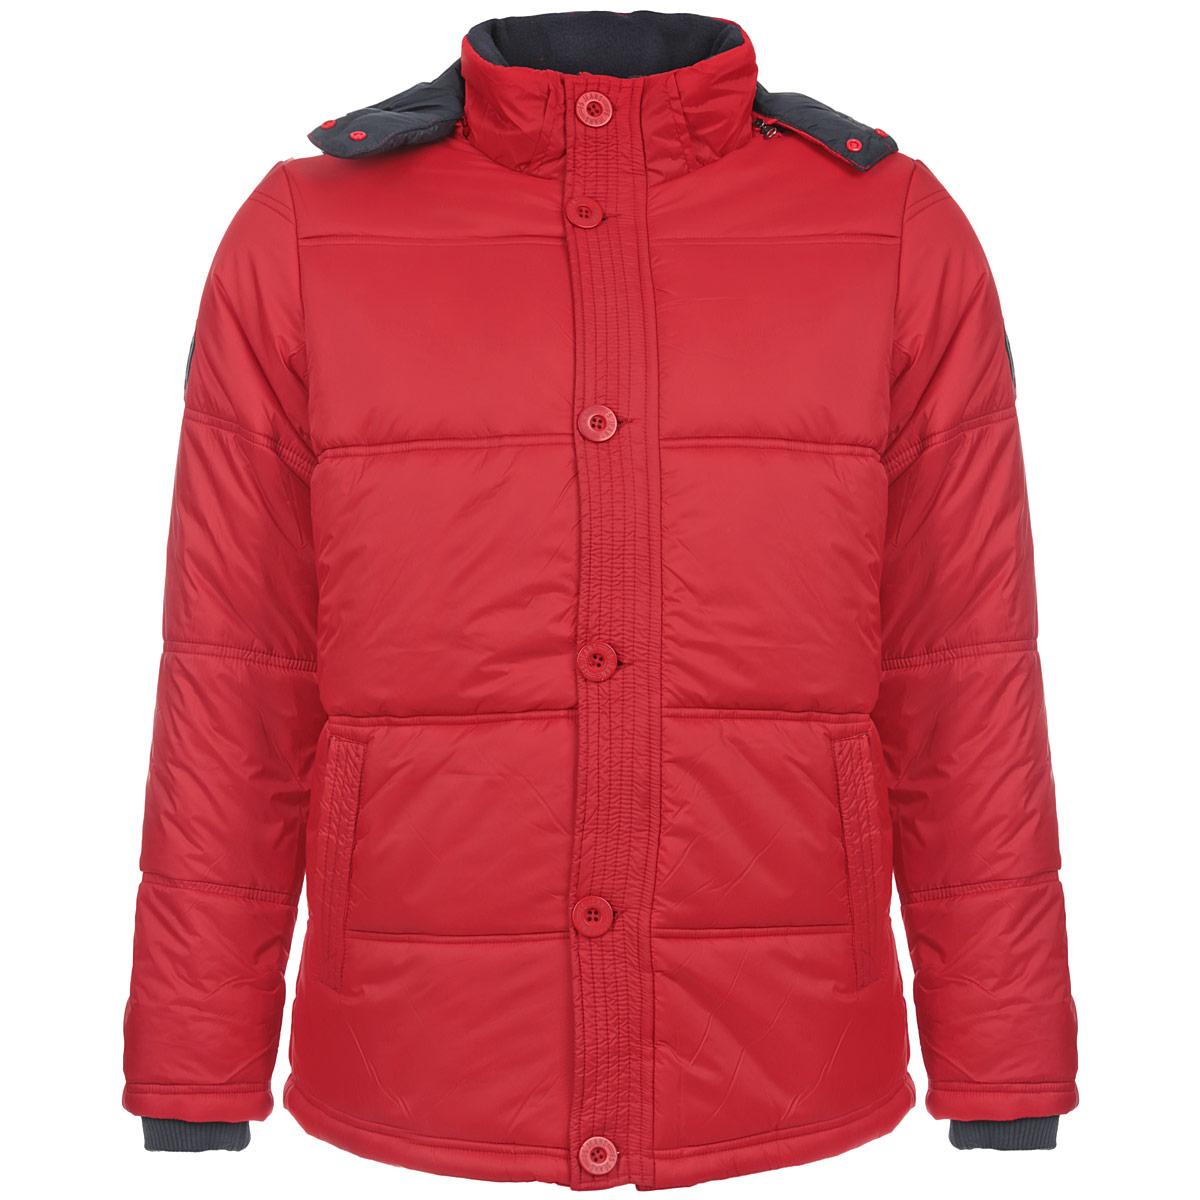 06839Стильная мужская куртка F5 - отличное решение для прохладной погоды. Куртка выполнена из непромокаемого полиэстера с утеплителем Silk Floss и дополнена отстегивающимся капюшоном на эластичной кулиске. Модель прямого кроя с воротником-стойкой застегивается на пластиковую молнию с защитой подбородка и имеет ветрозащитный клапан на пуговицах. Спереди куртка дополнена двумя втачными карманами на молниях. Внутренняя отделка карманов и воротника - мягкий флис. С внутренней стороны предусмотрен накладной карман на кнопке и вшитый карман на молнии. Рукава дополнены вшитыми трикотажными манжетами. На левом рукаве нашивка с логотипом бренда. По нижнему краю с изнаночной стороны расположена эластичная кулиска, защищающая от продувания. В такой куртке вам будет уютно, тепло и комфортно в любую погоду.